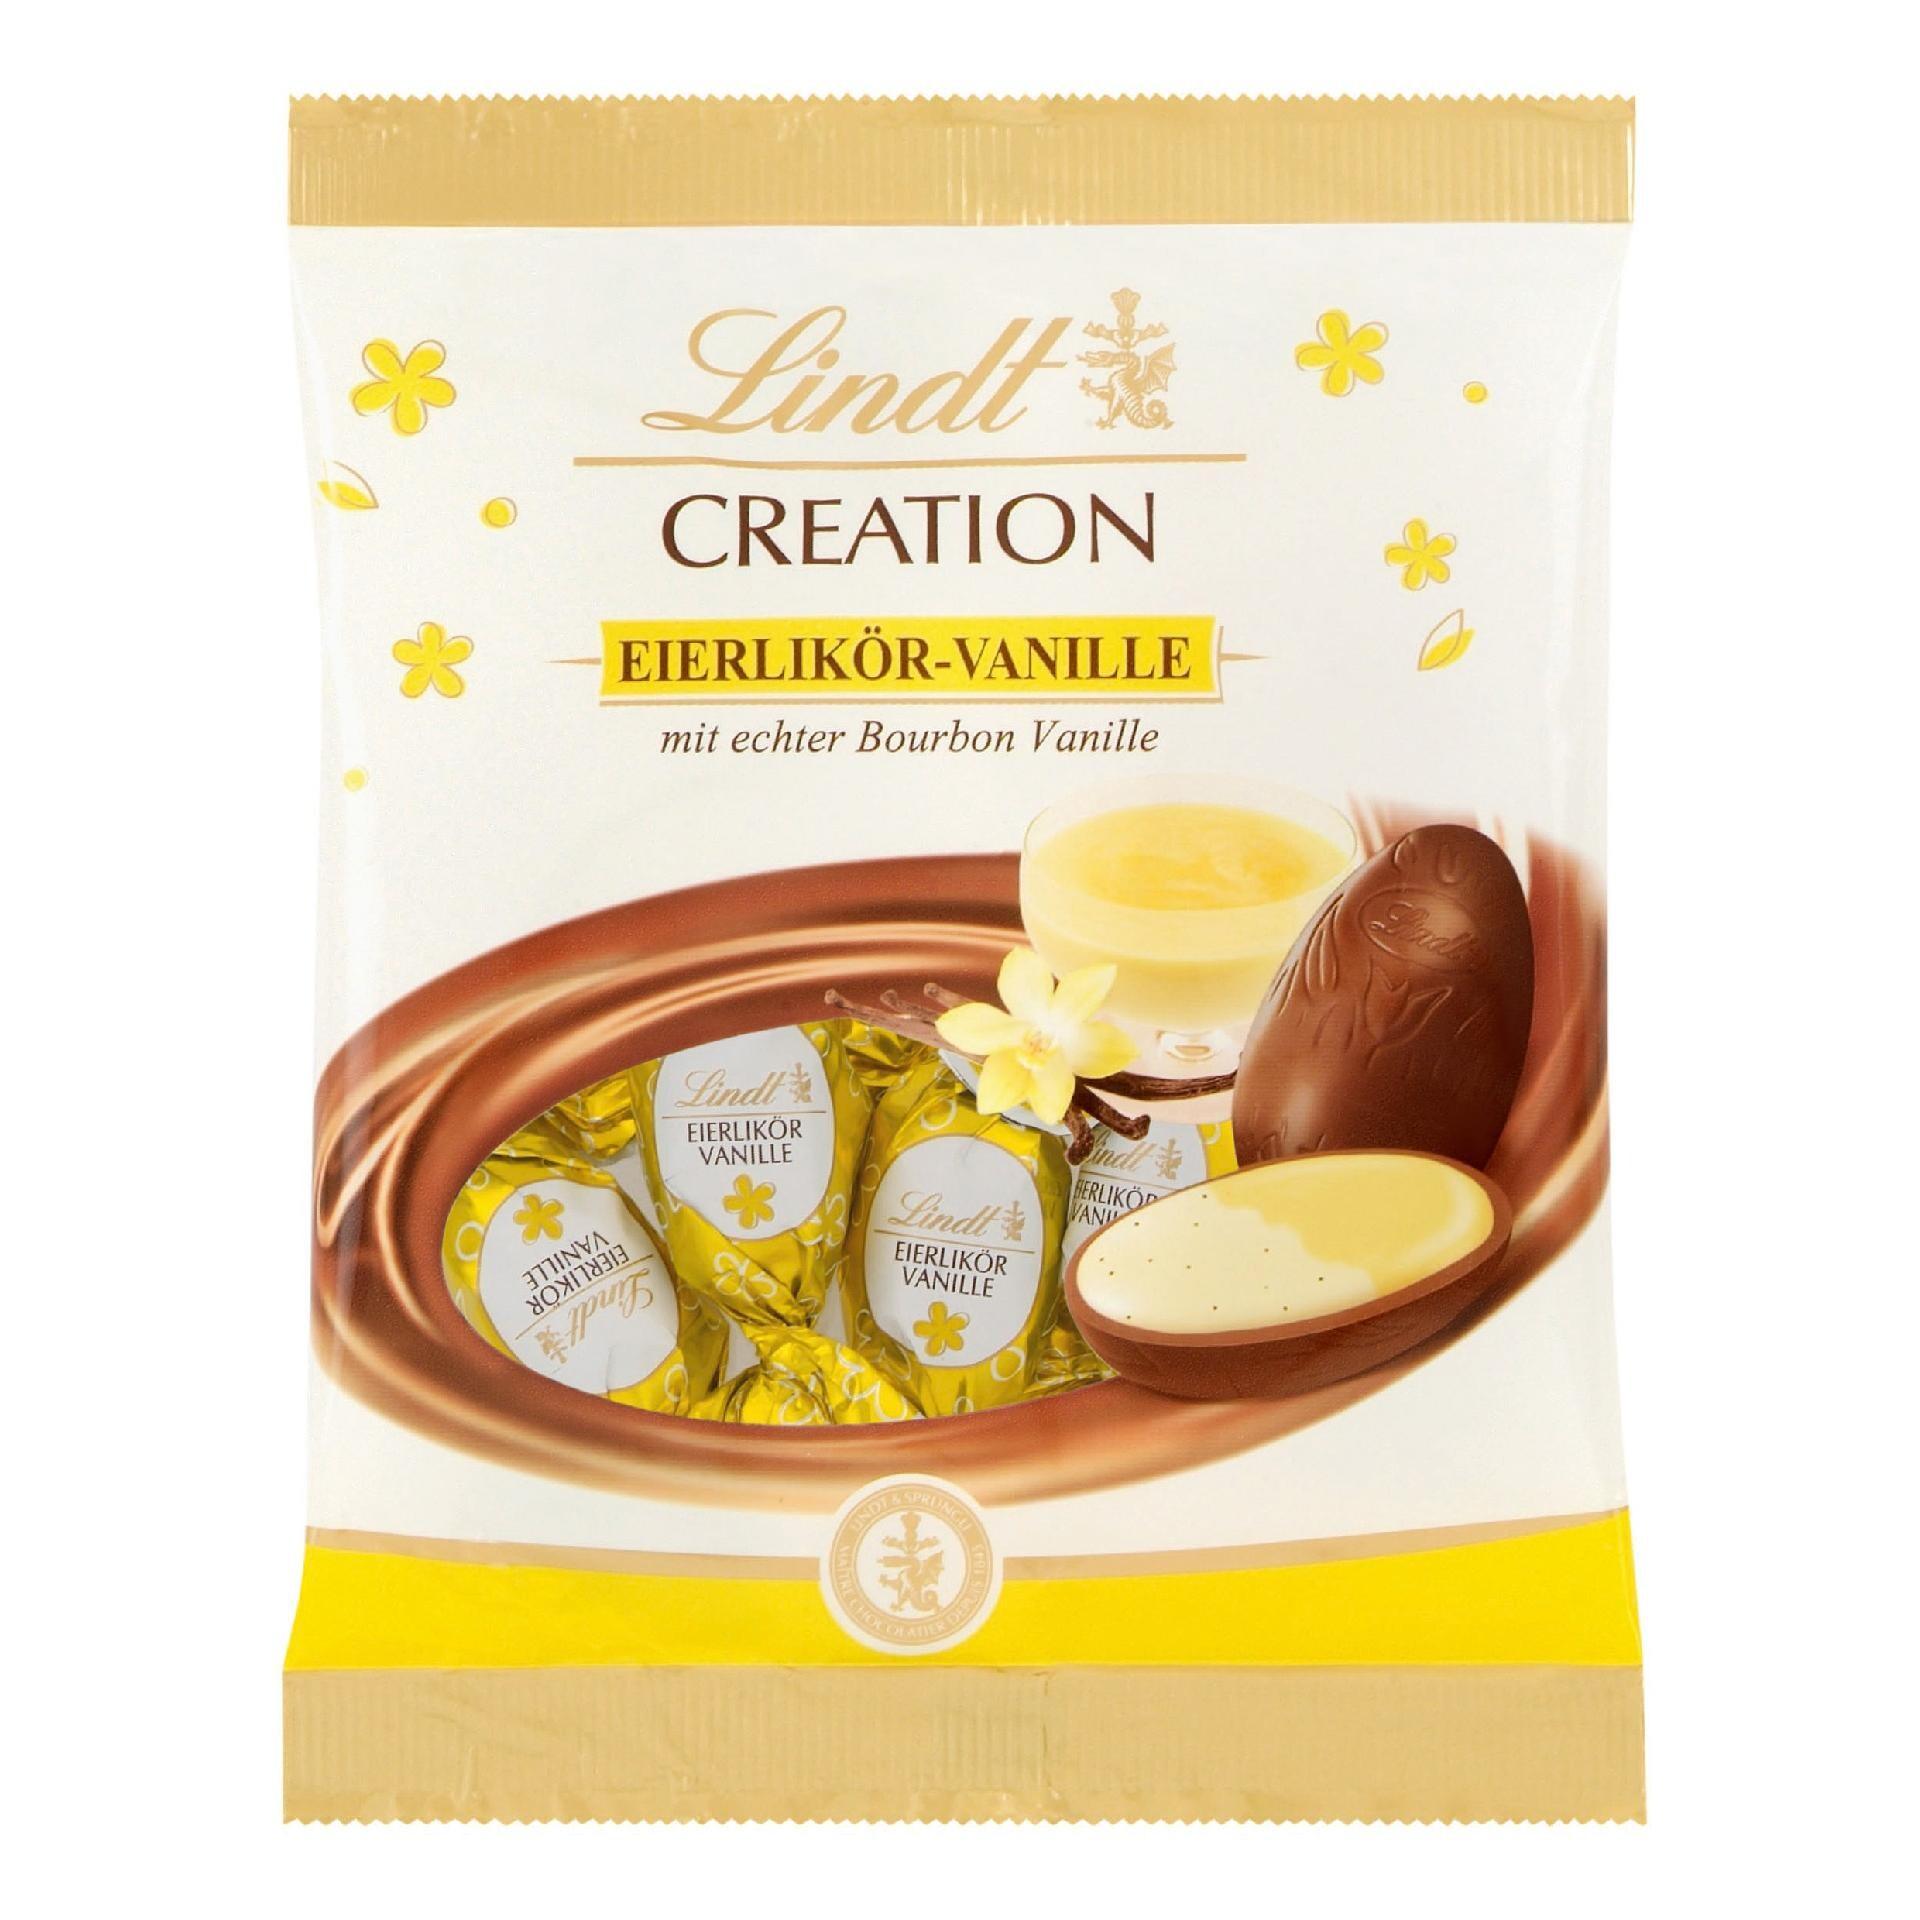 Lindt Creation Eierlikör-Vanille Schokoladen-Eier 90g